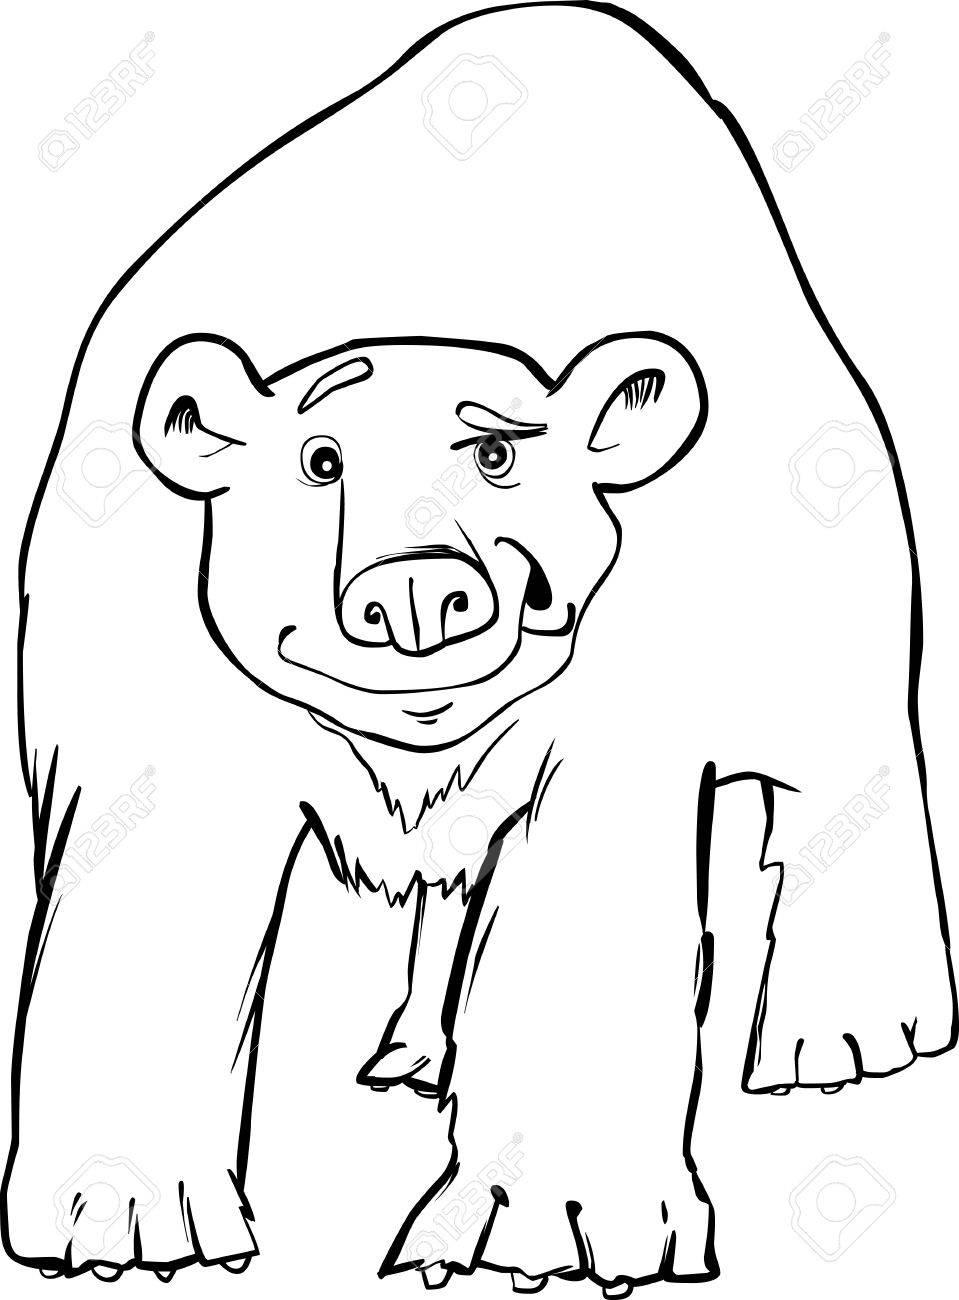 Eisbär Ausmalbilder Lizenzfrei Nutzbare Vektorgrafiken Clip Arts